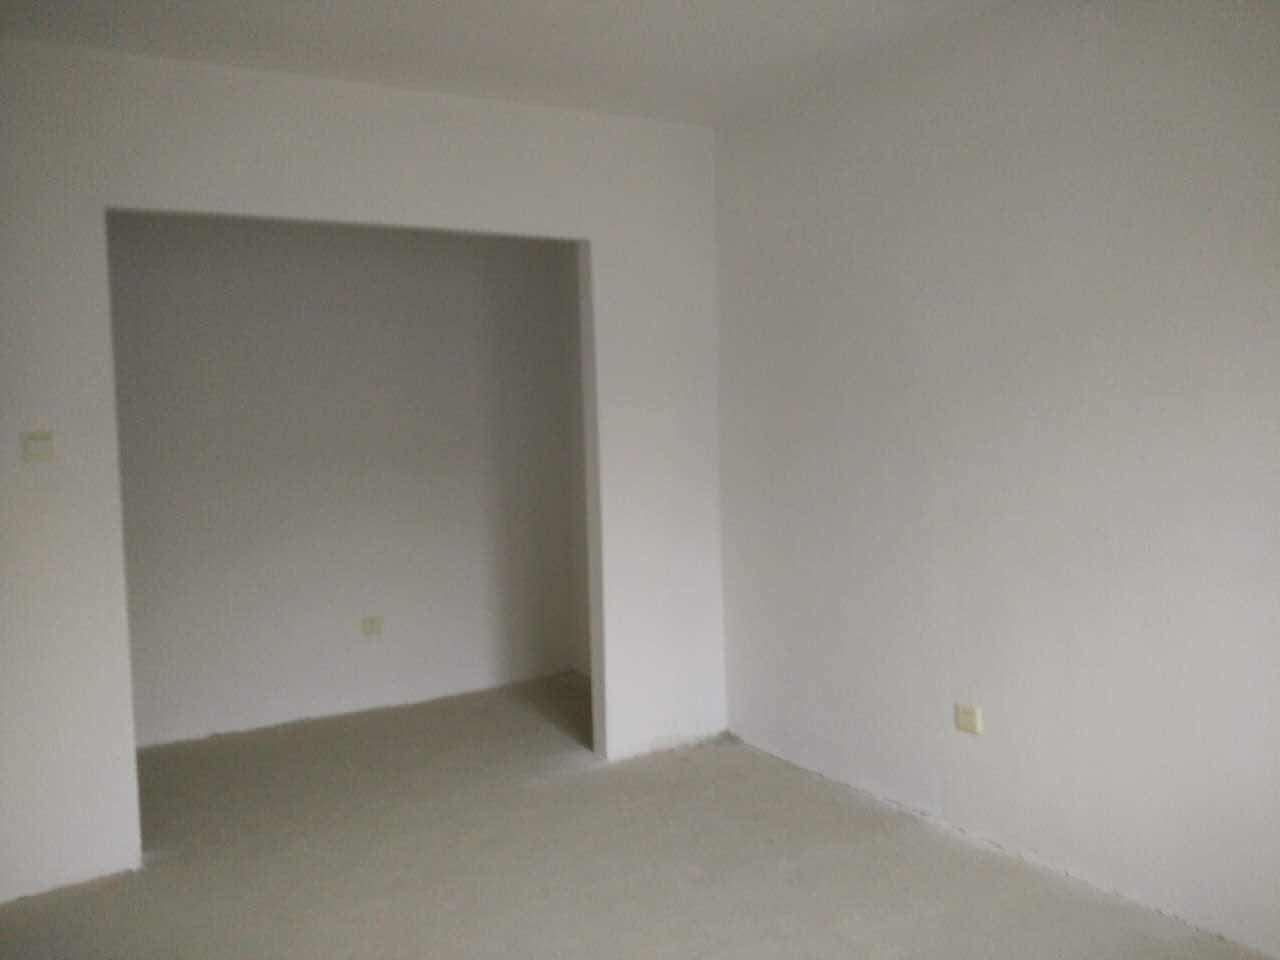 北五环外 精装现房公寓60平米全款45万一套起 即买即住